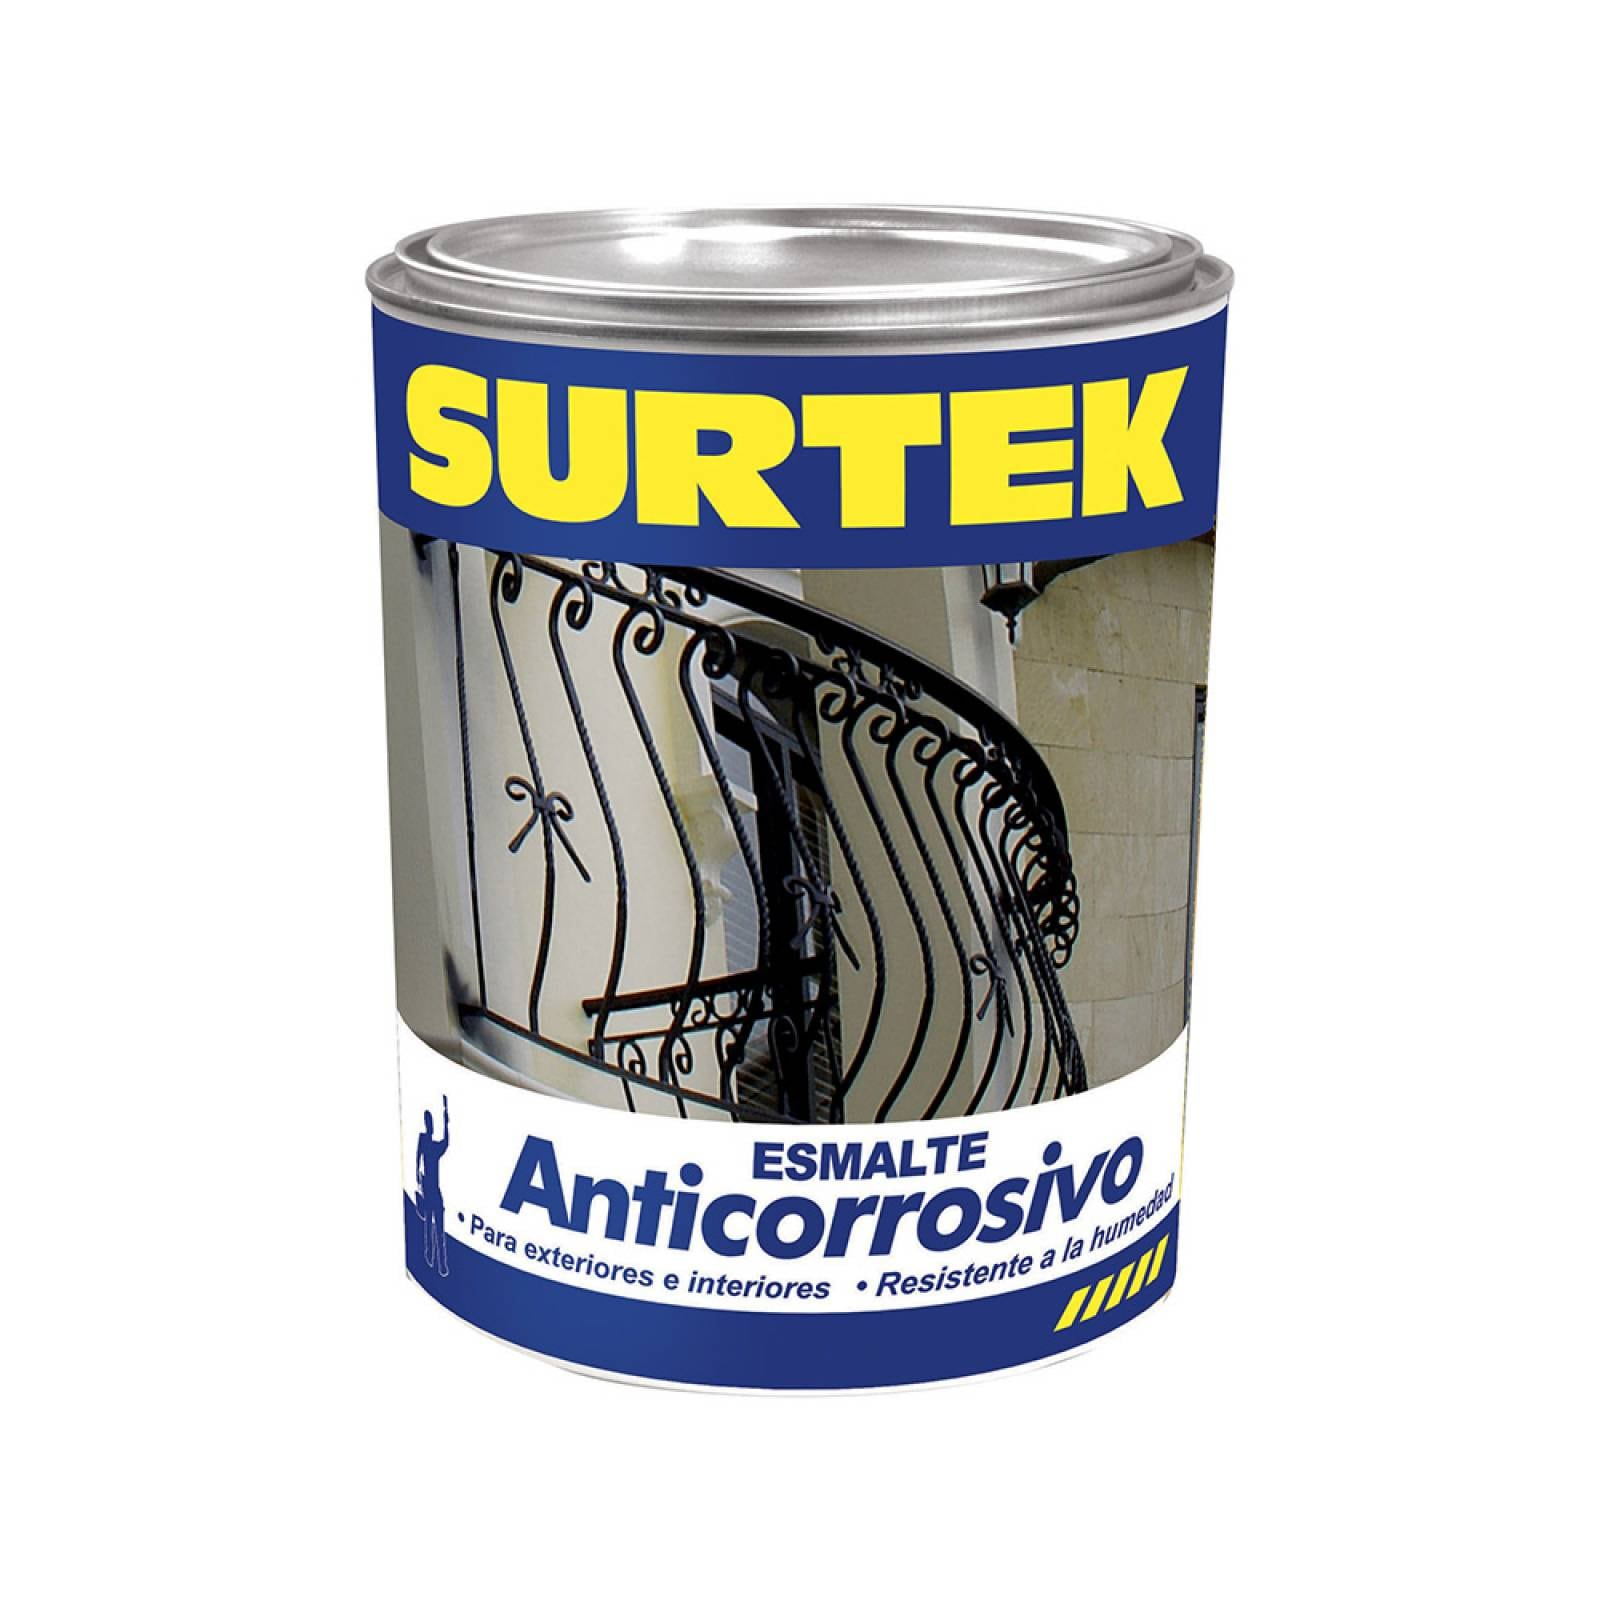 Esmalte anticorrosivo blanco 250ml SP30100 Surtek